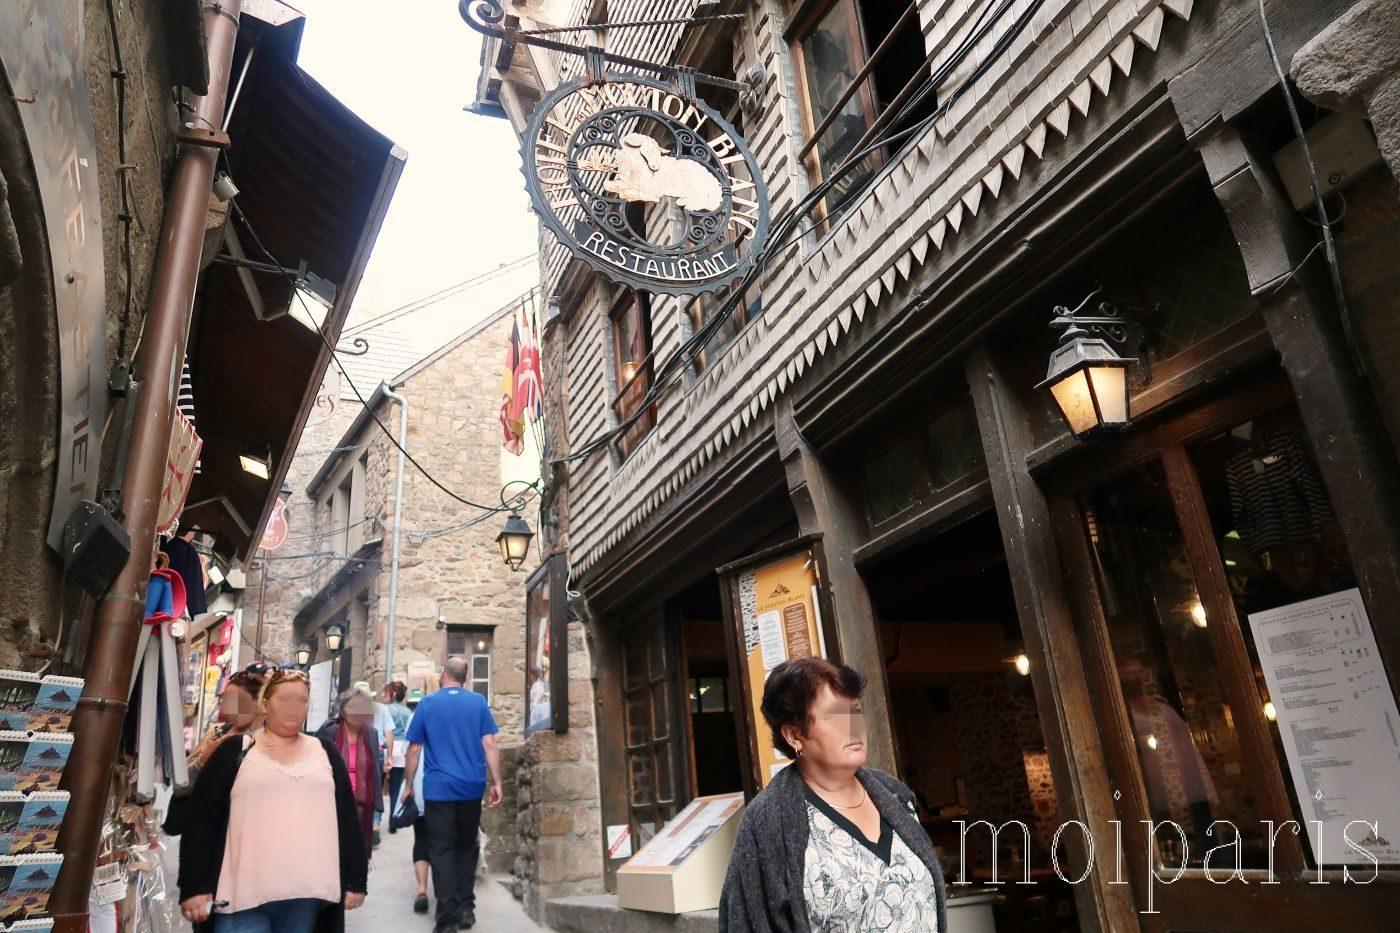 モンサンミッシェル、島内レストラン2、夕食。観光客人気店